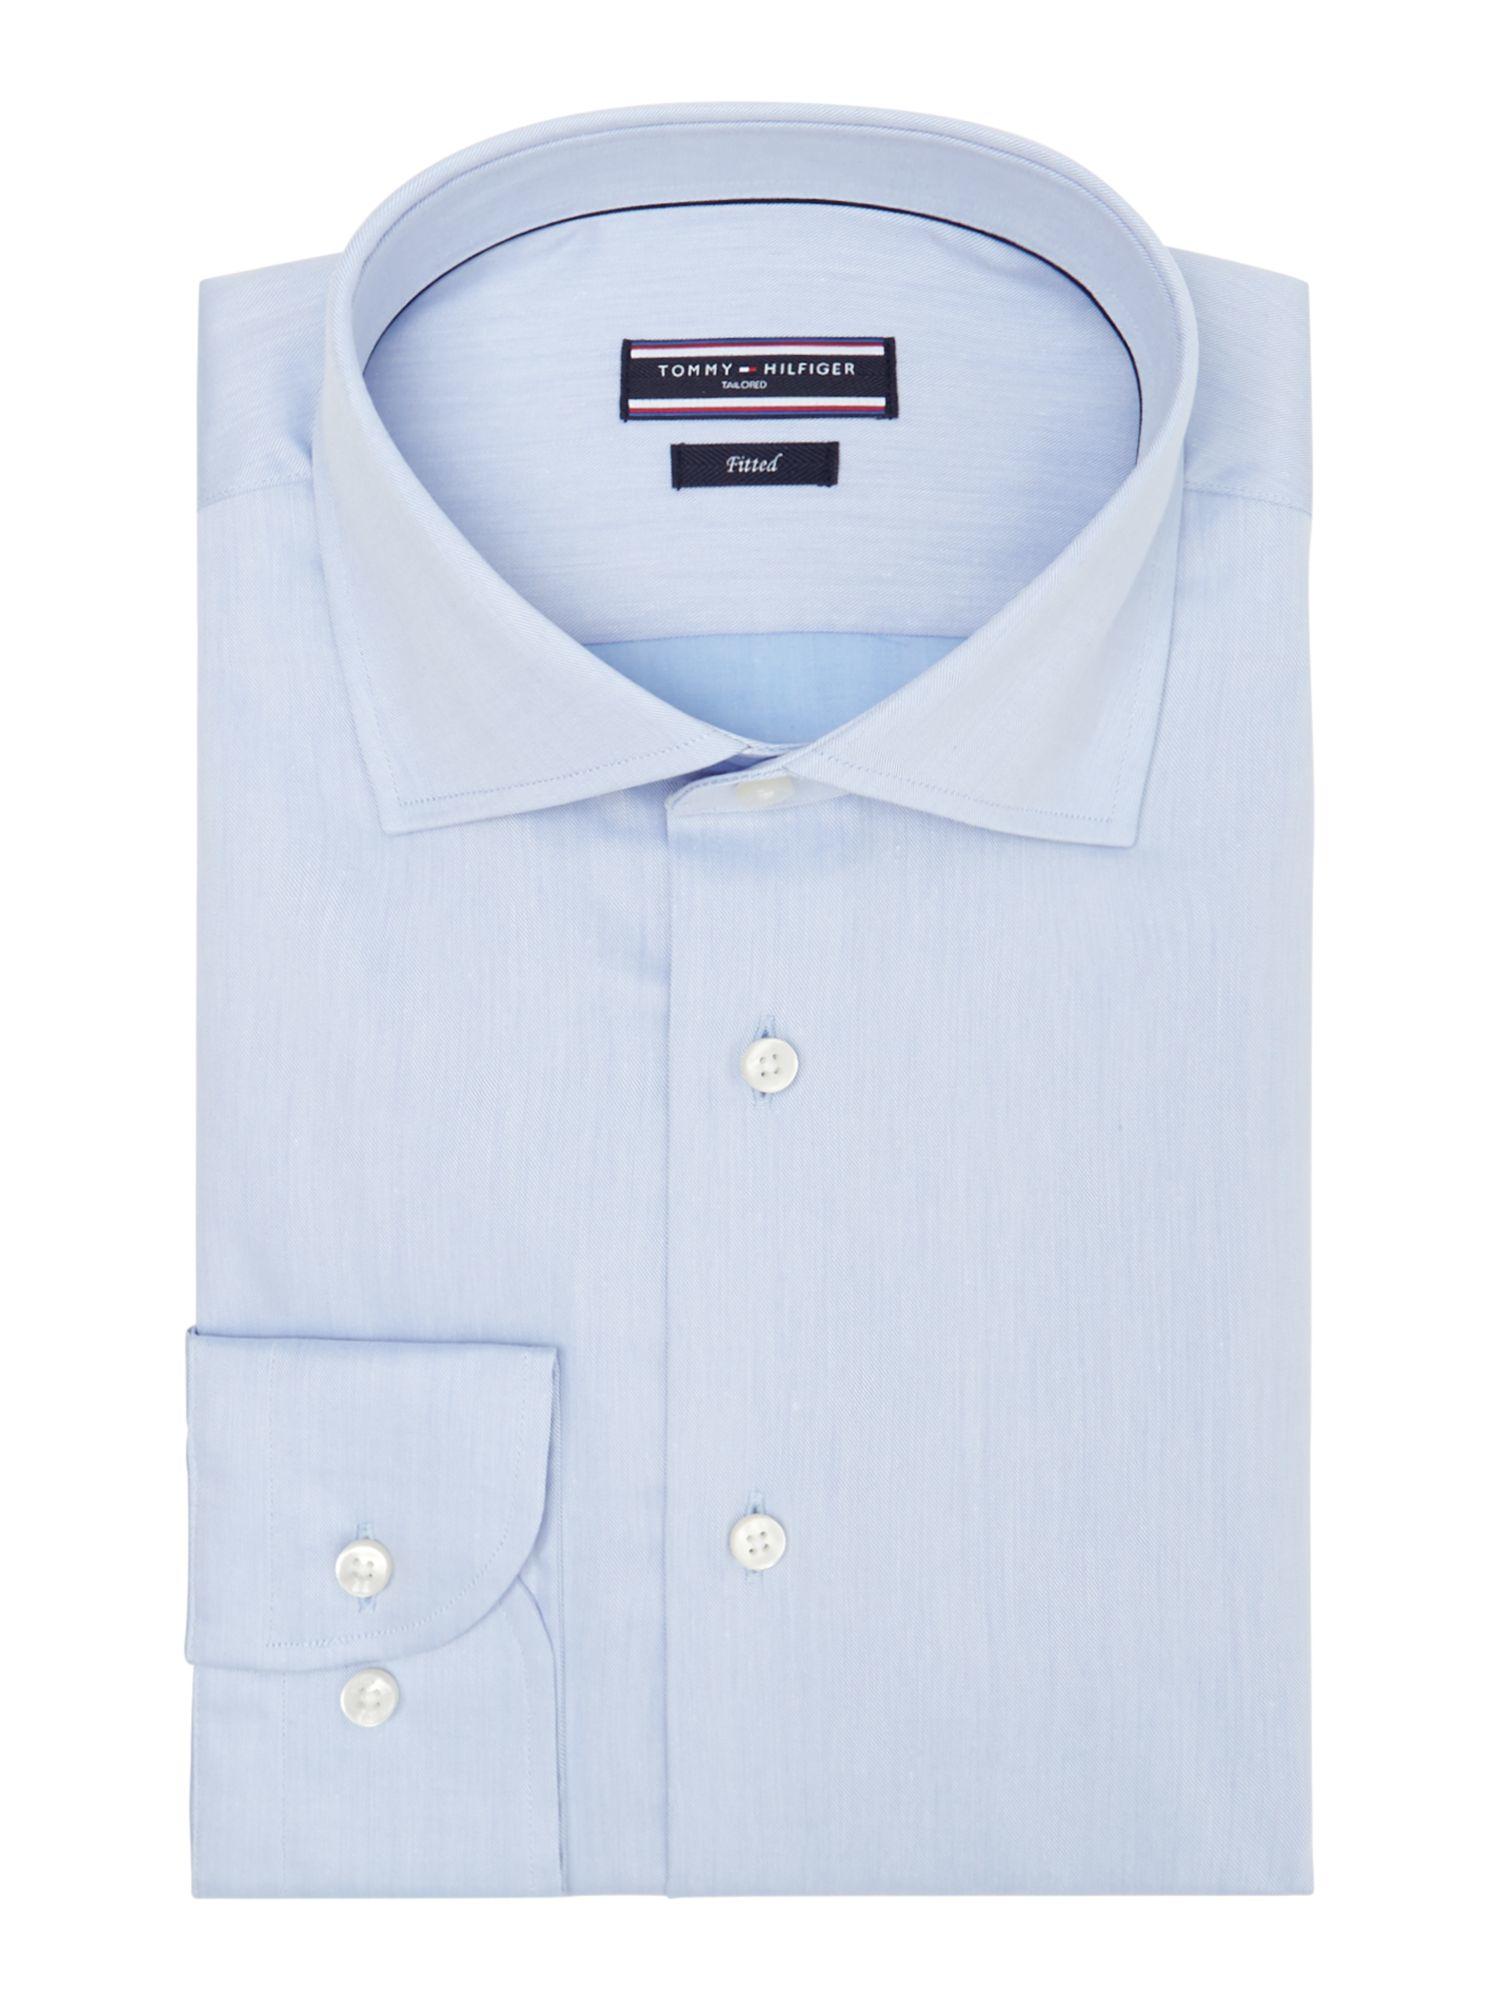 tommy hilfiger blue jake slim fit plain shirt for men lyst. Black Bedroom Furniture Sets. Home Design Ideas